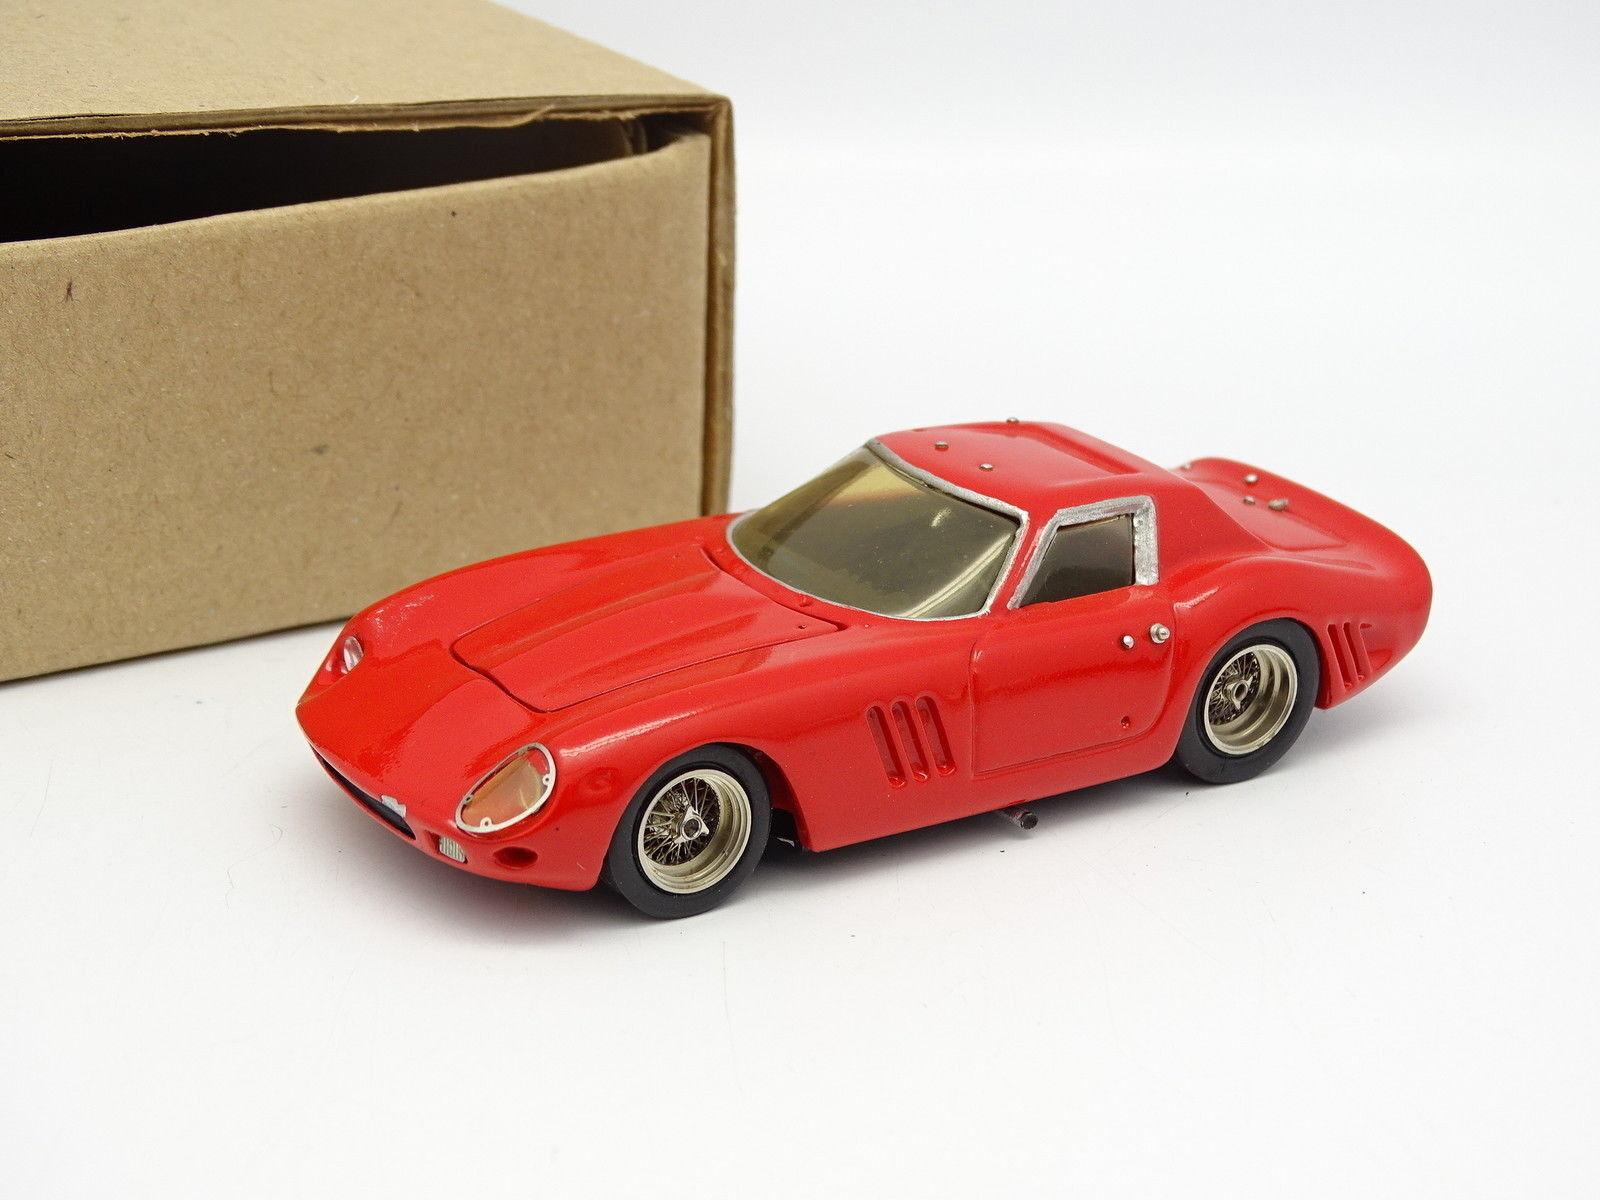 AMR Kit Monté 1 43 - Ferrari 250 GTO GTO GTO 1964 red d1336d